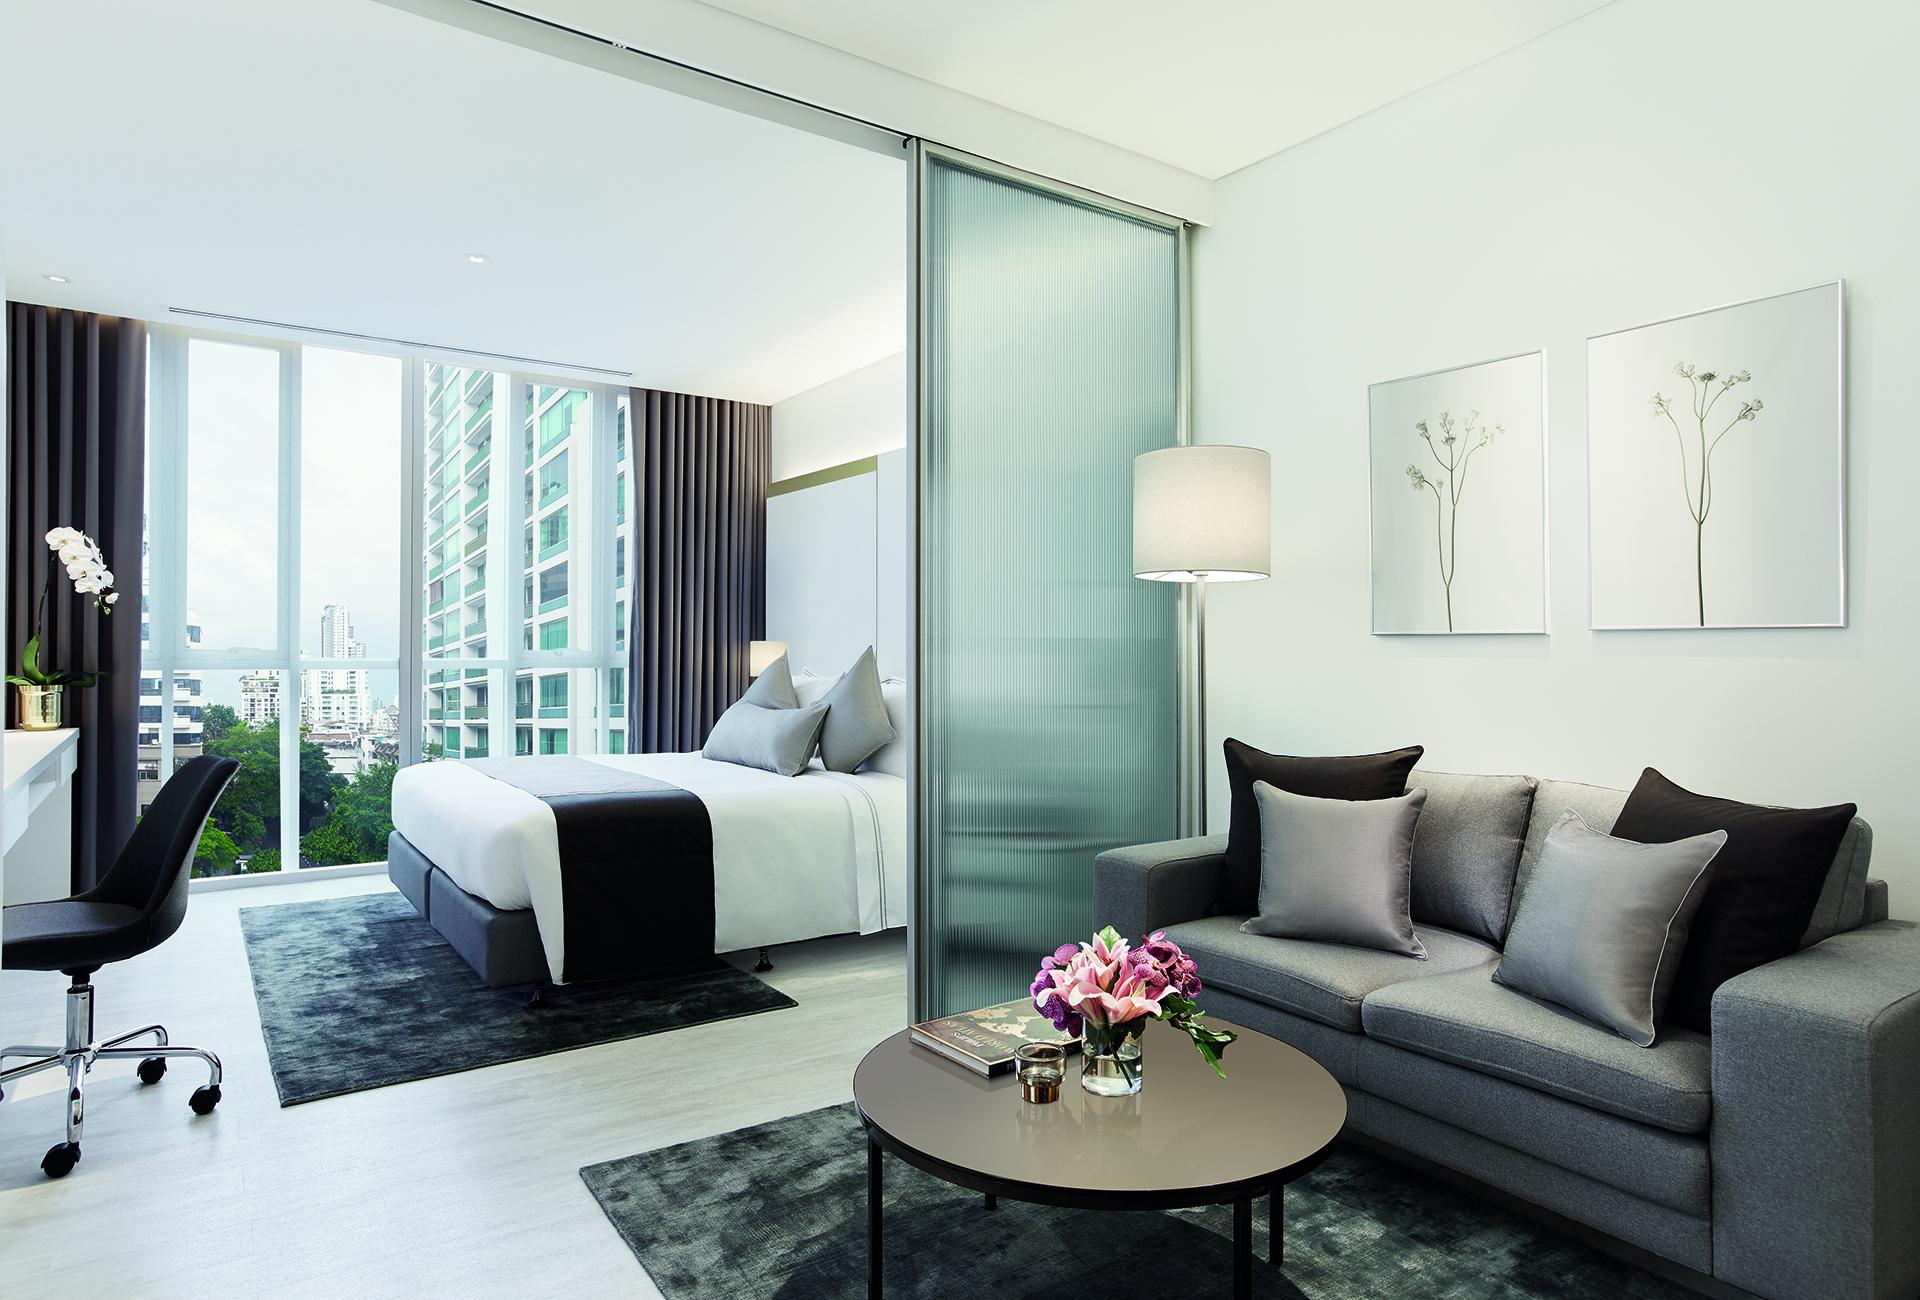 4-ONE-BEDROOM-DELUXE-Bedroom-Living-Area-Hires.jpg